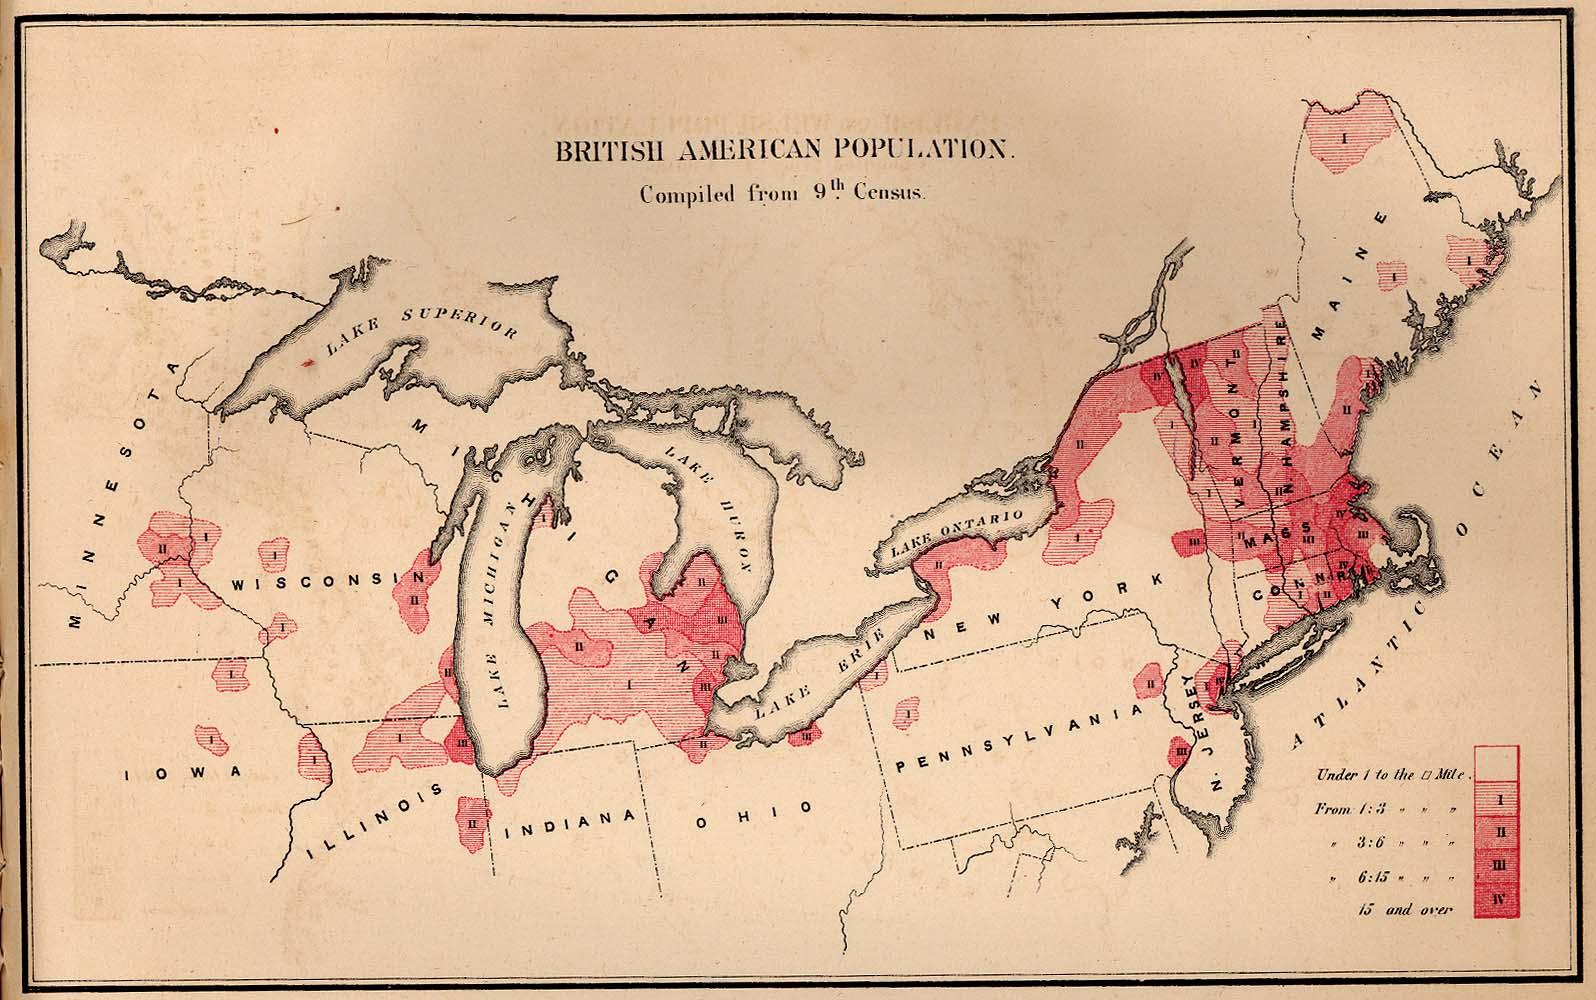 Mapa de la Población de Origen Británica en Estados Unidos 1872